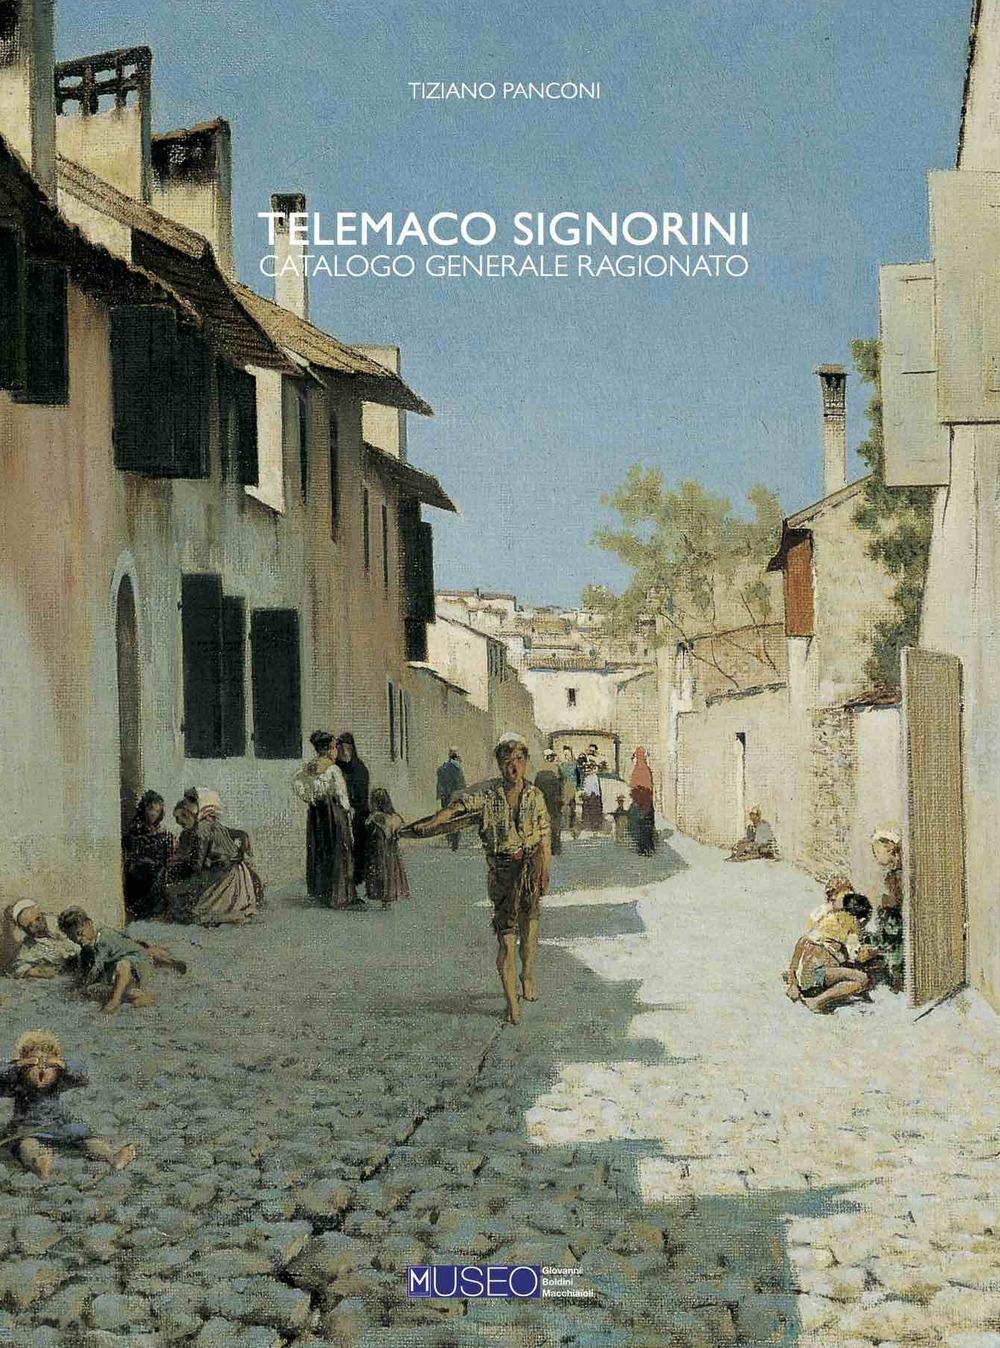 Telemaco Signorini. Catalogo Generale Ragionato delle Opere